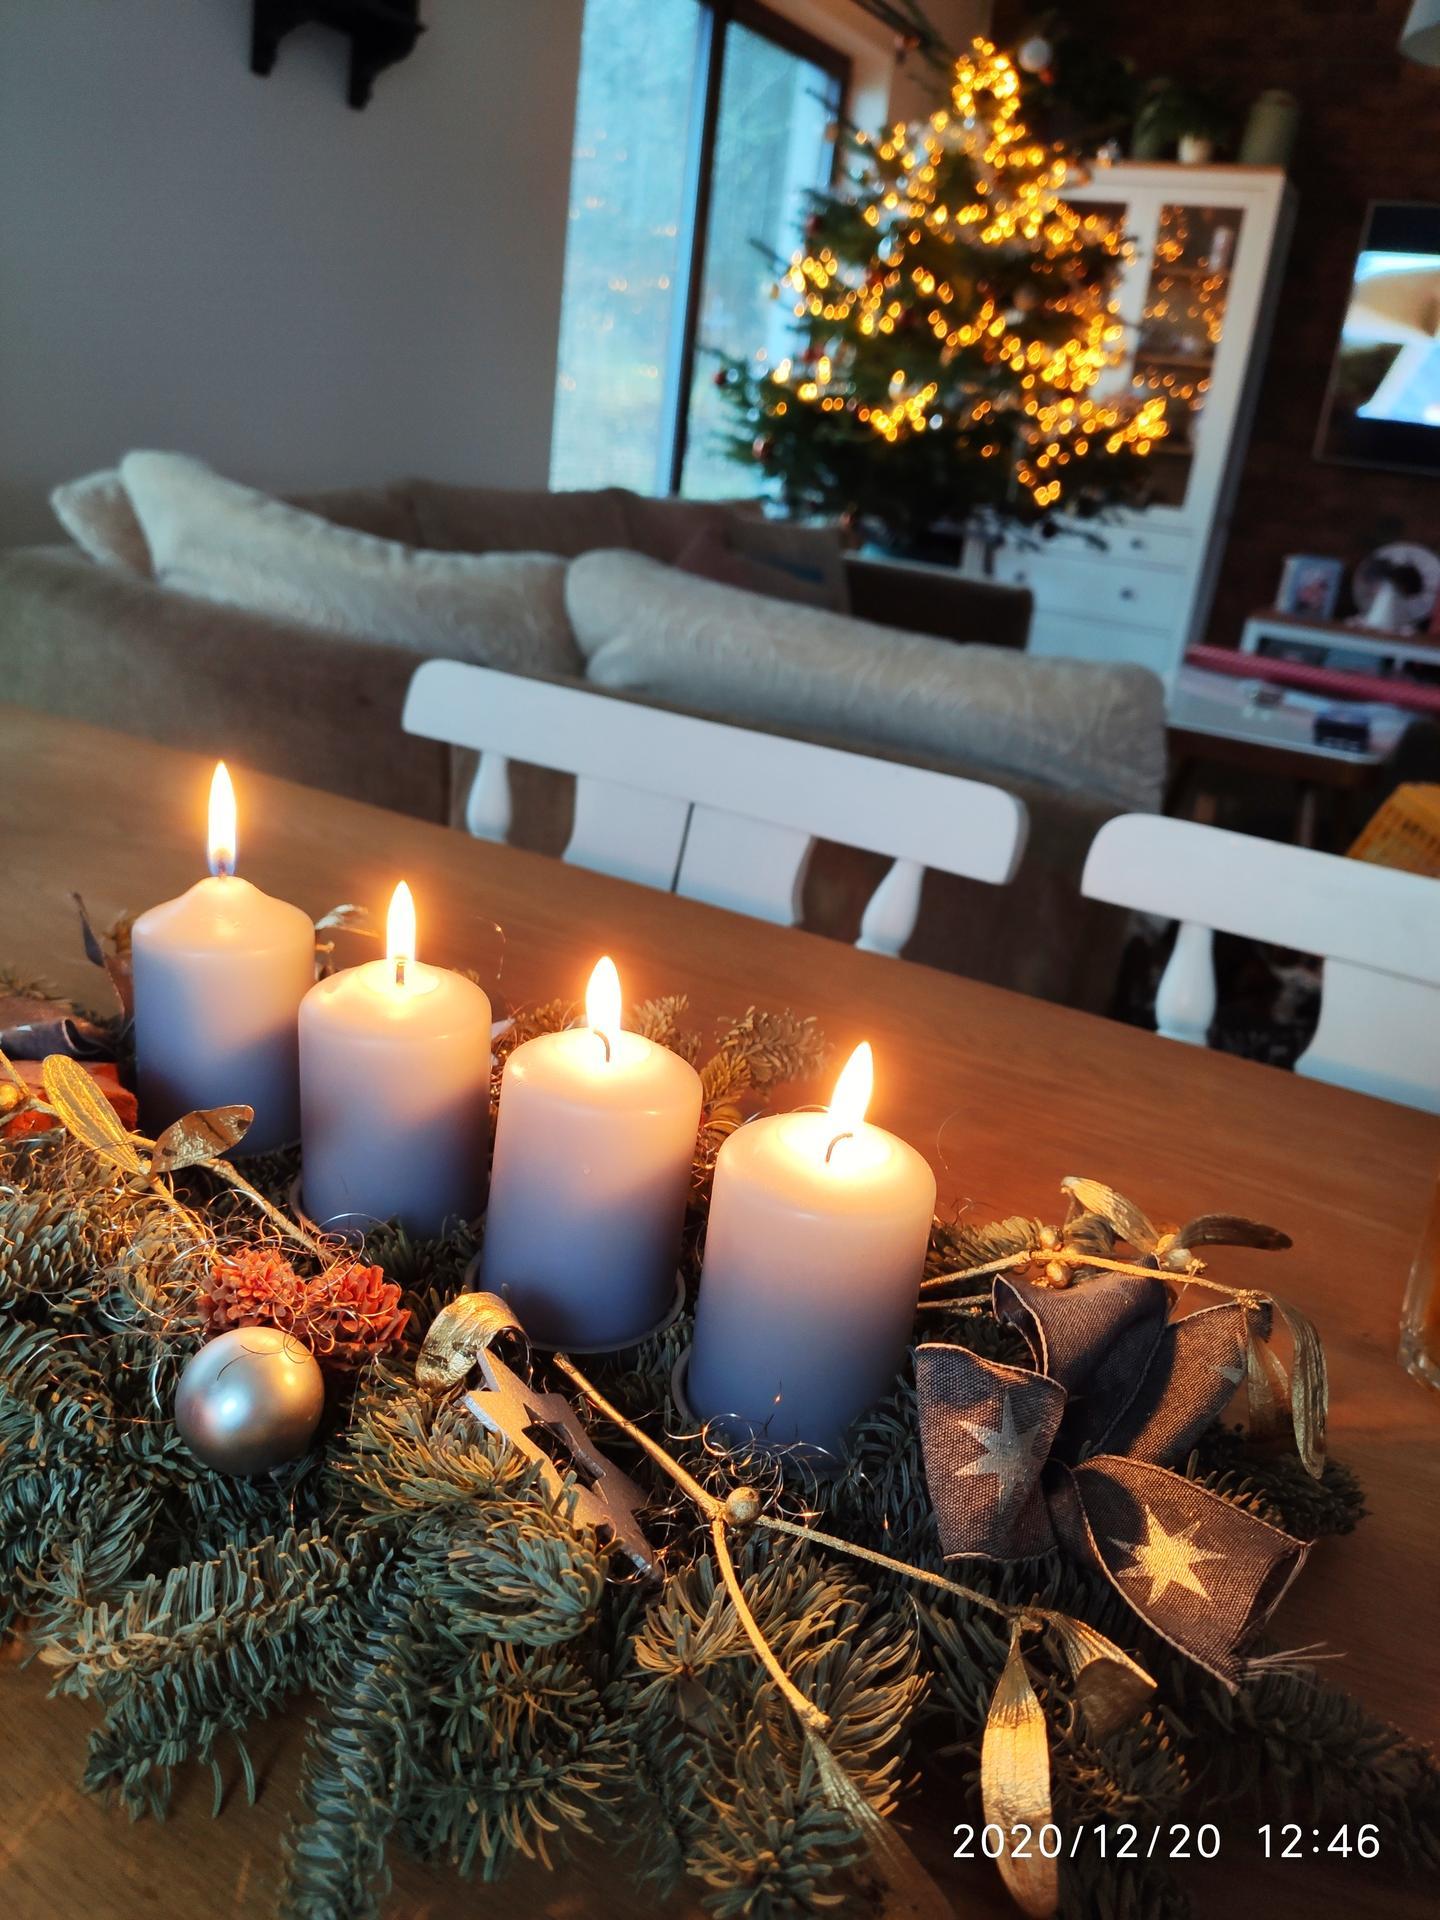 Krásné pohodové vánoční svátky - Obrázek č. 2